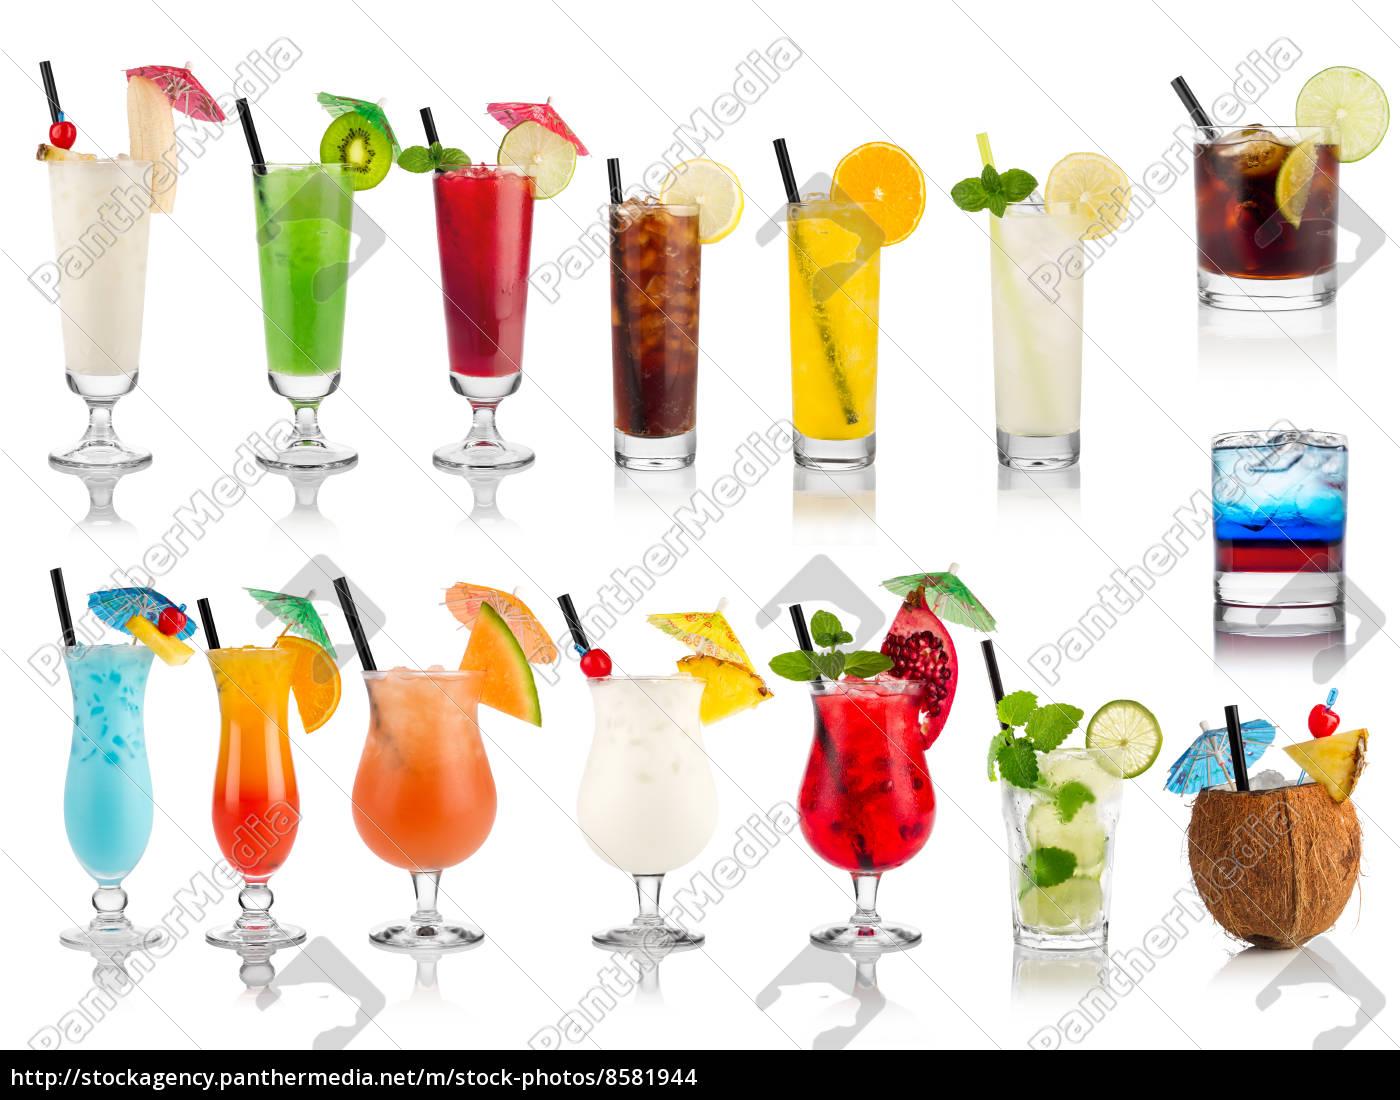 Afbeeldingsresultaat voor long drink